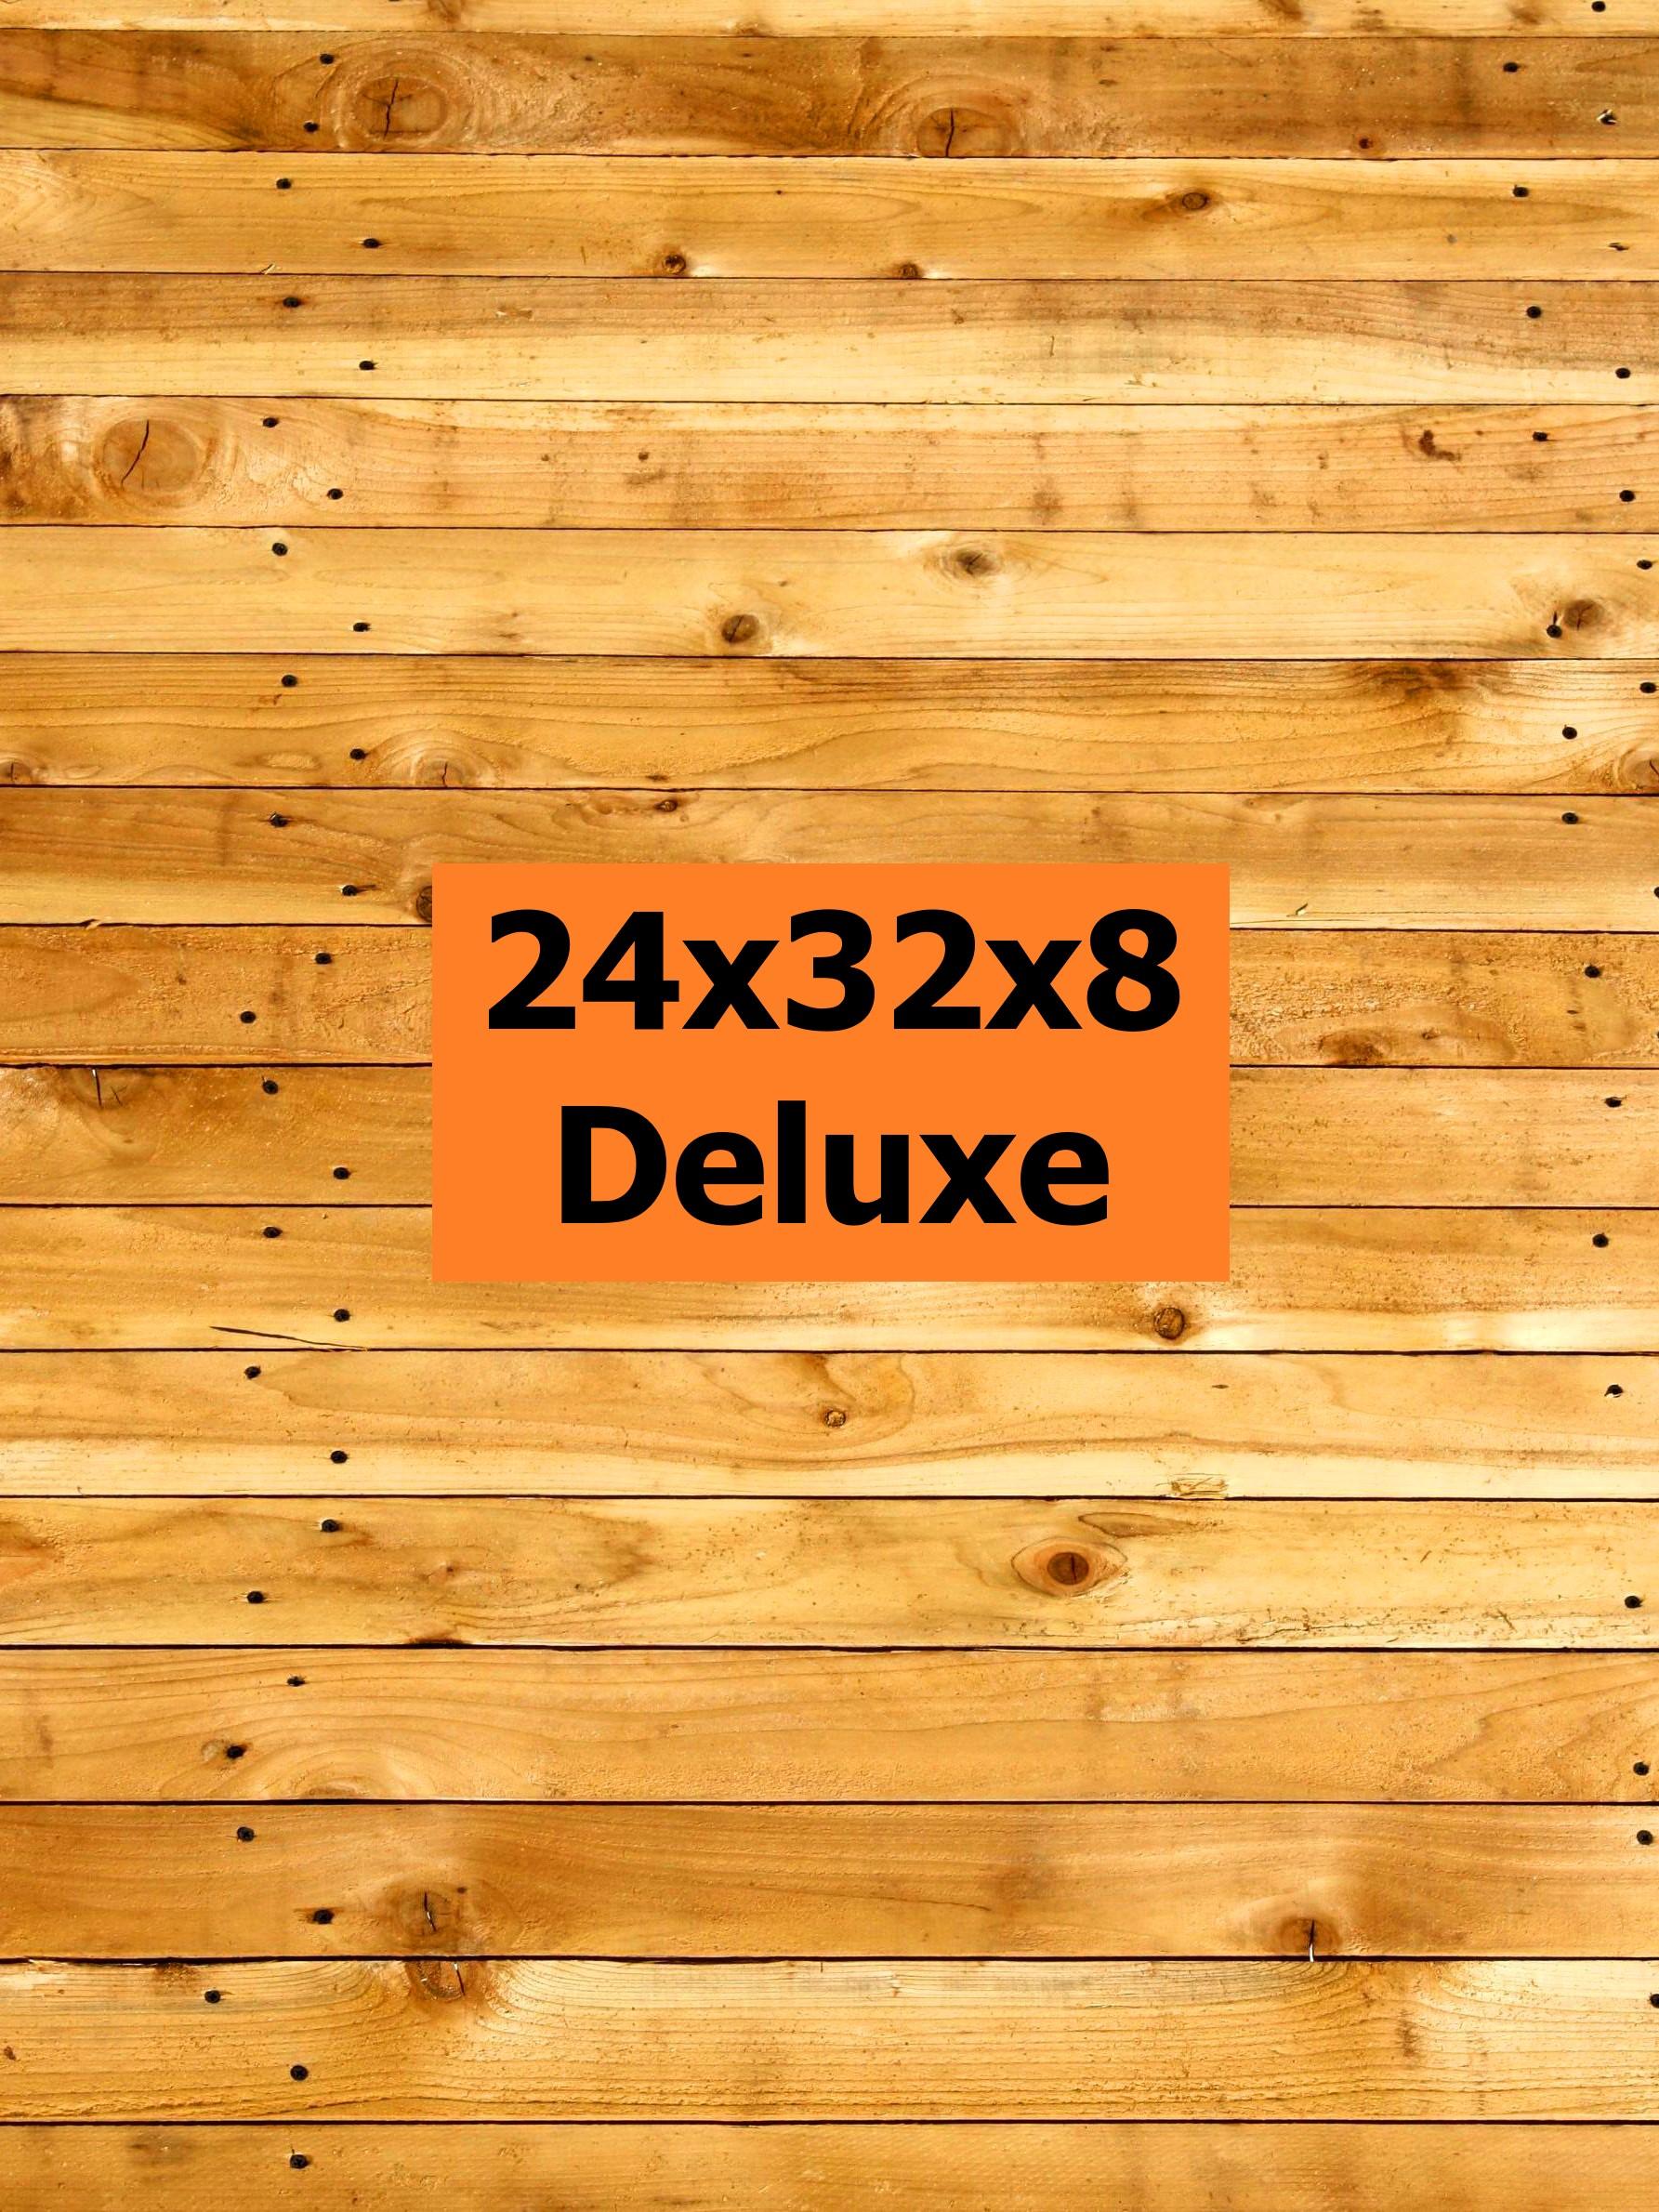 24x32x8Deluxe